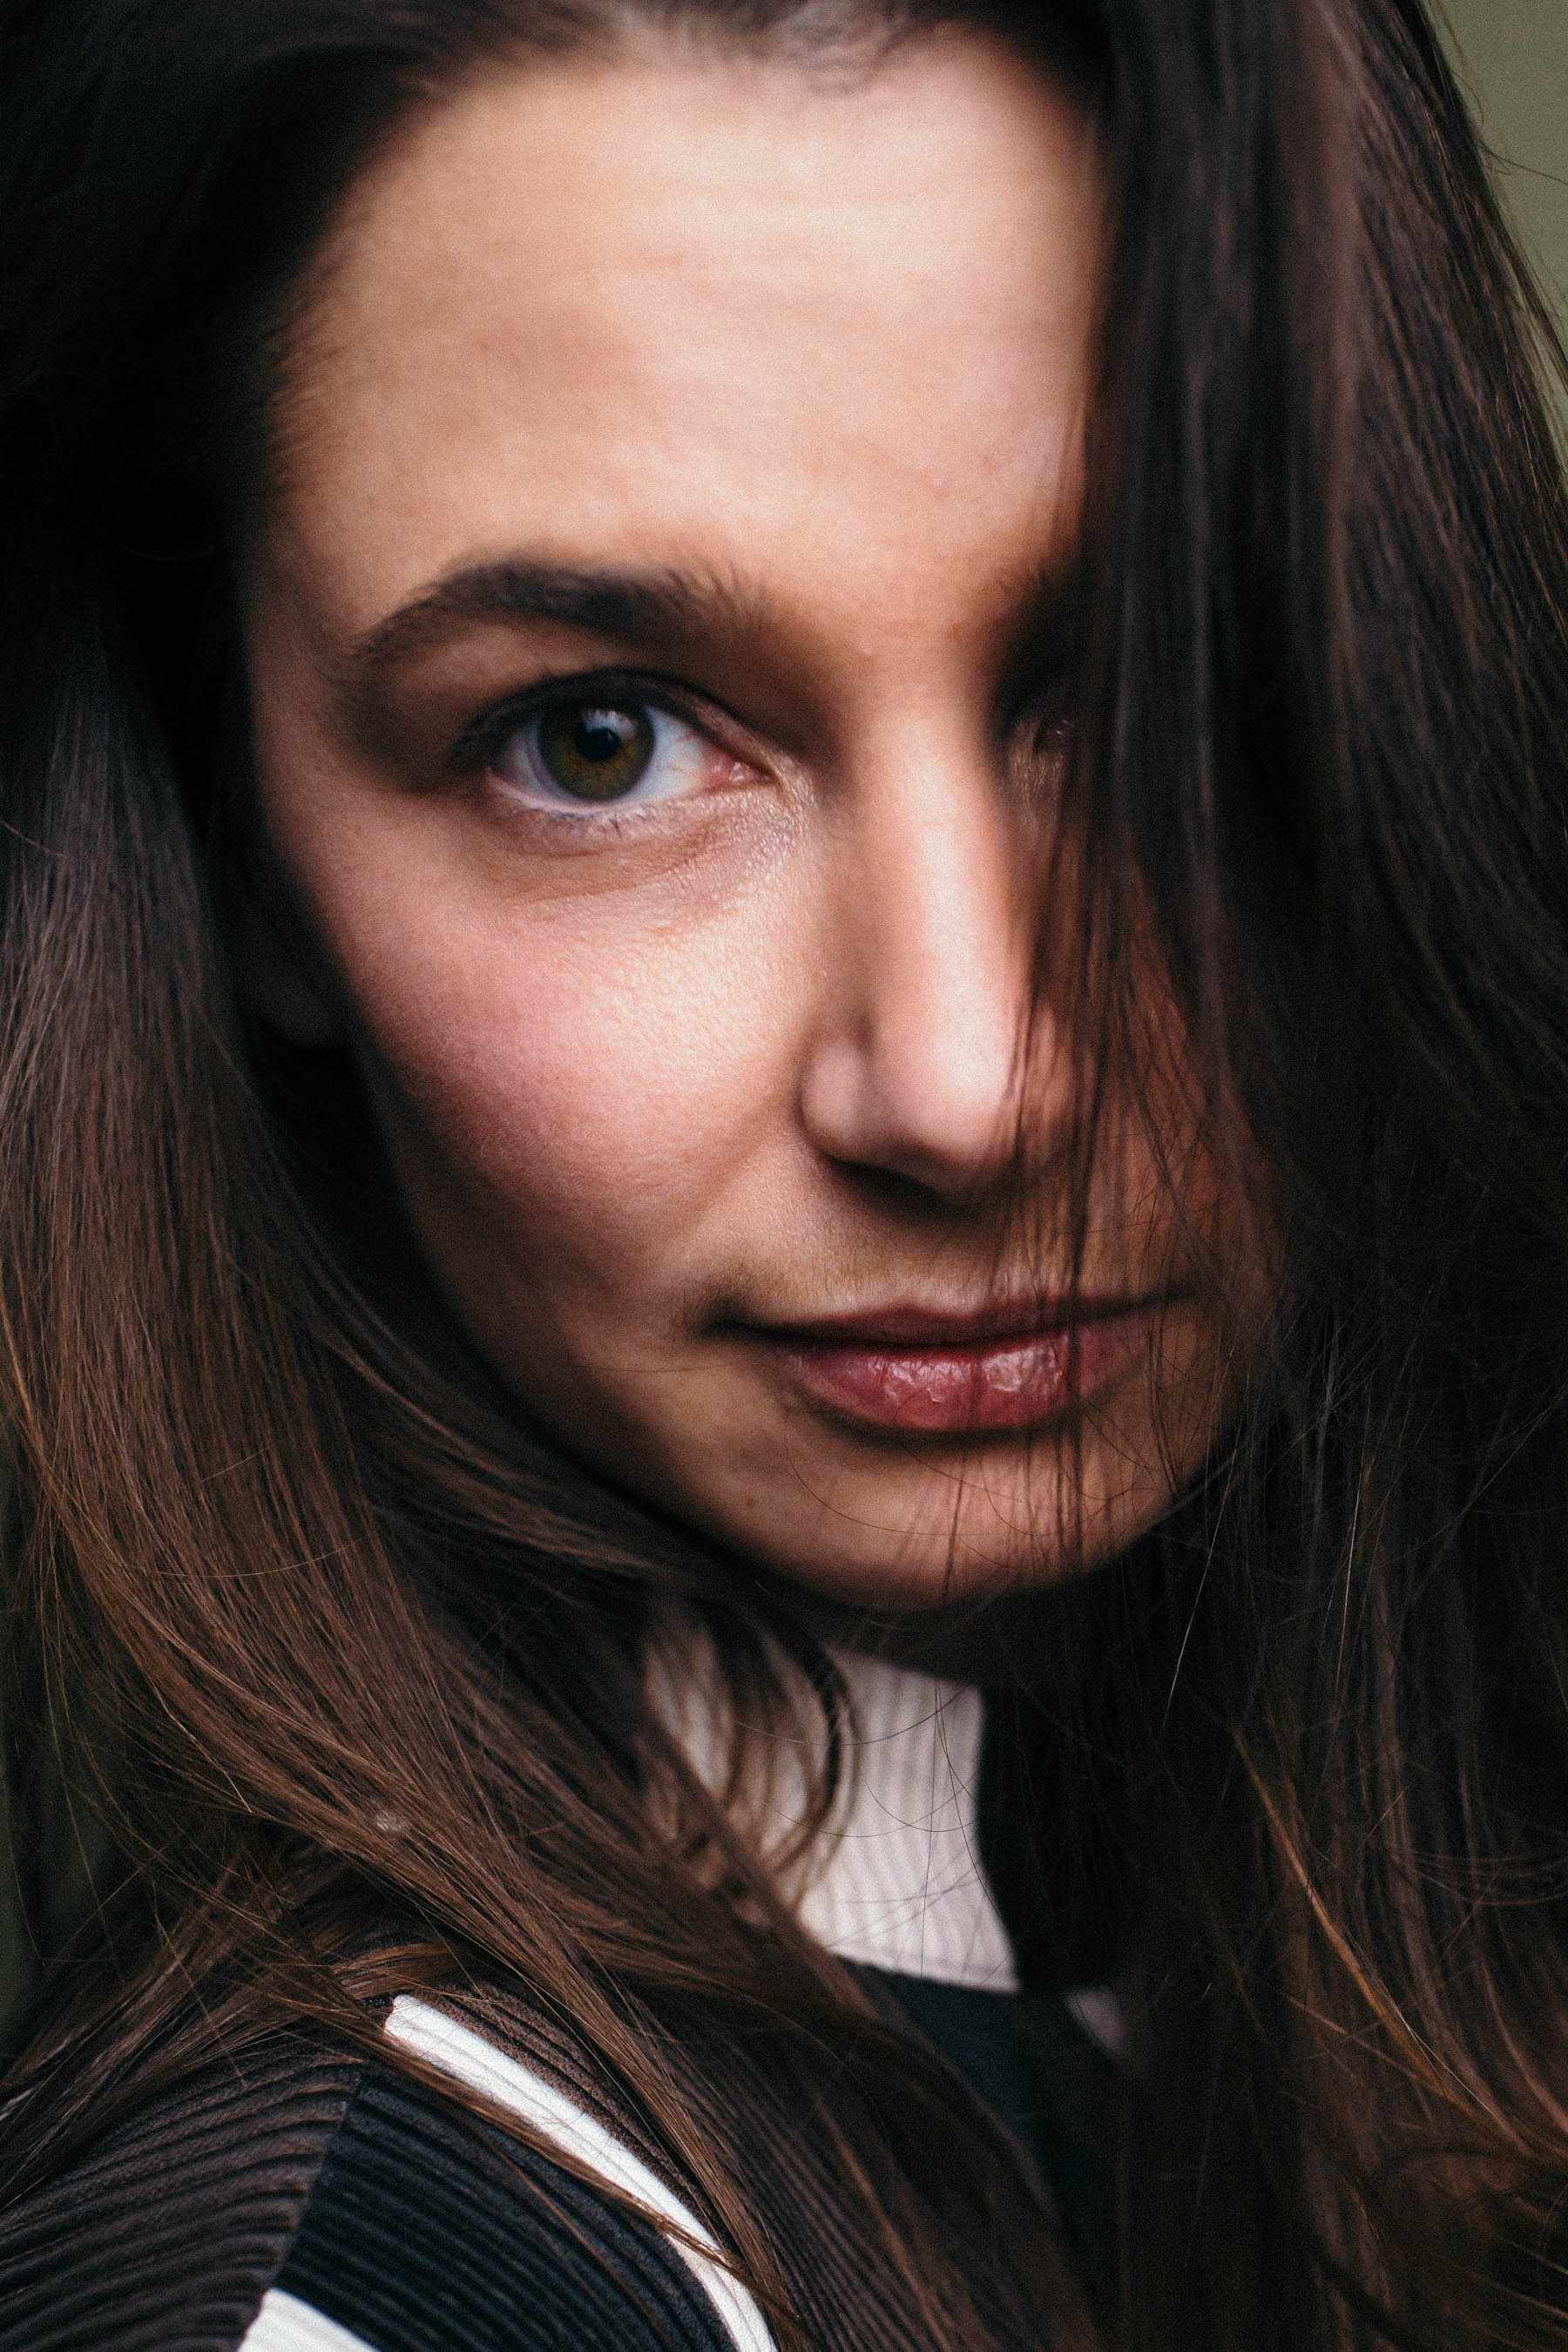 Portretter_InaKAndersen-7491.jpg